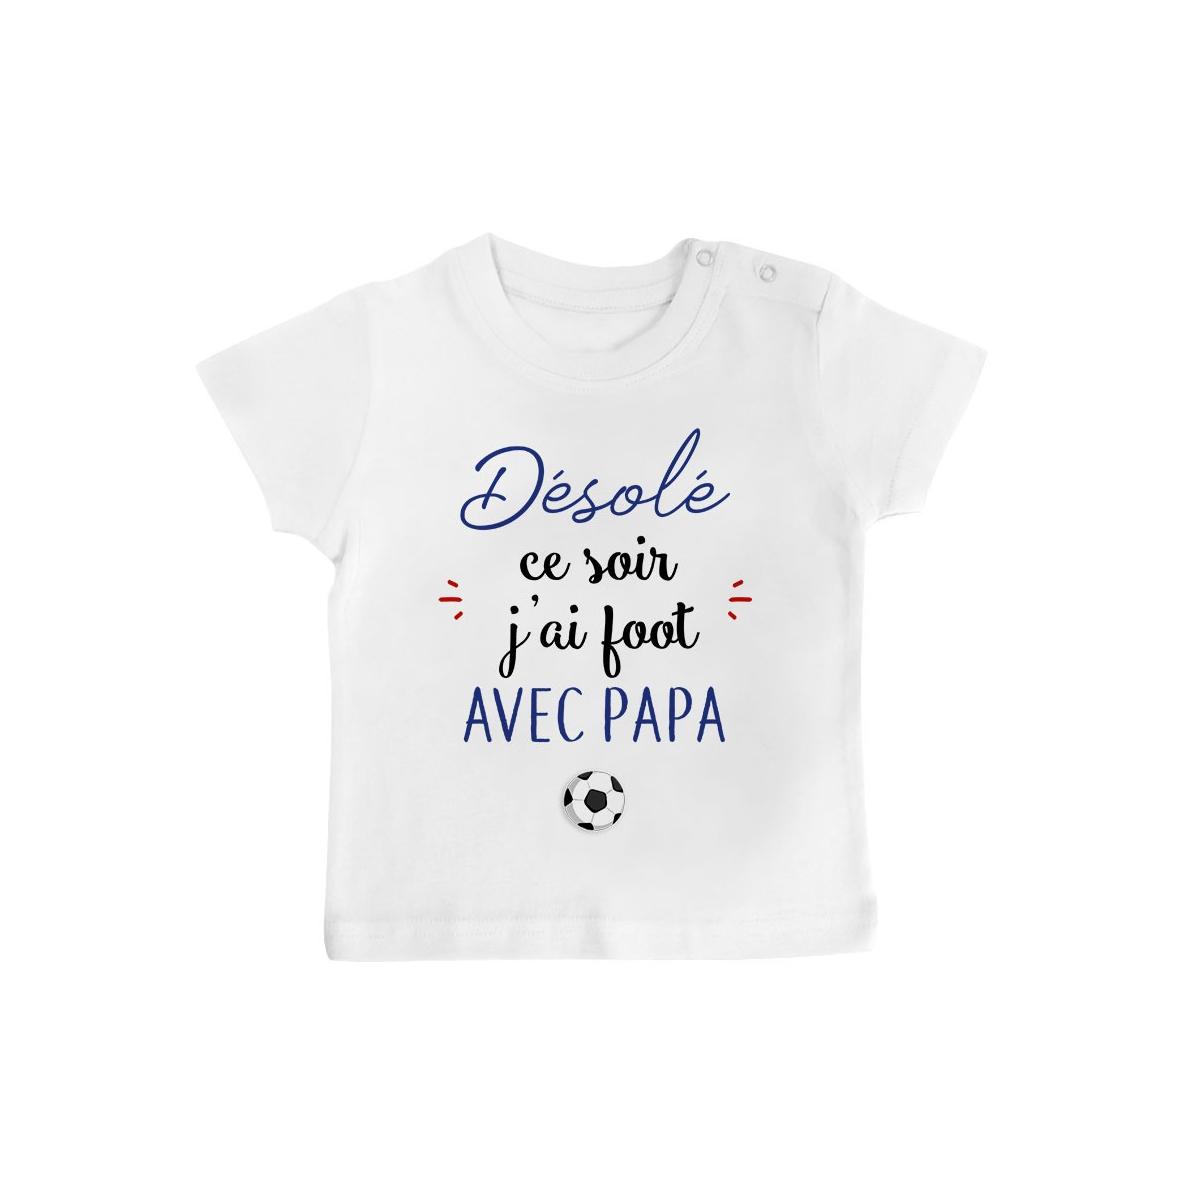 T-Shirt bébé Désolé ce soir j'ai foot avec papa